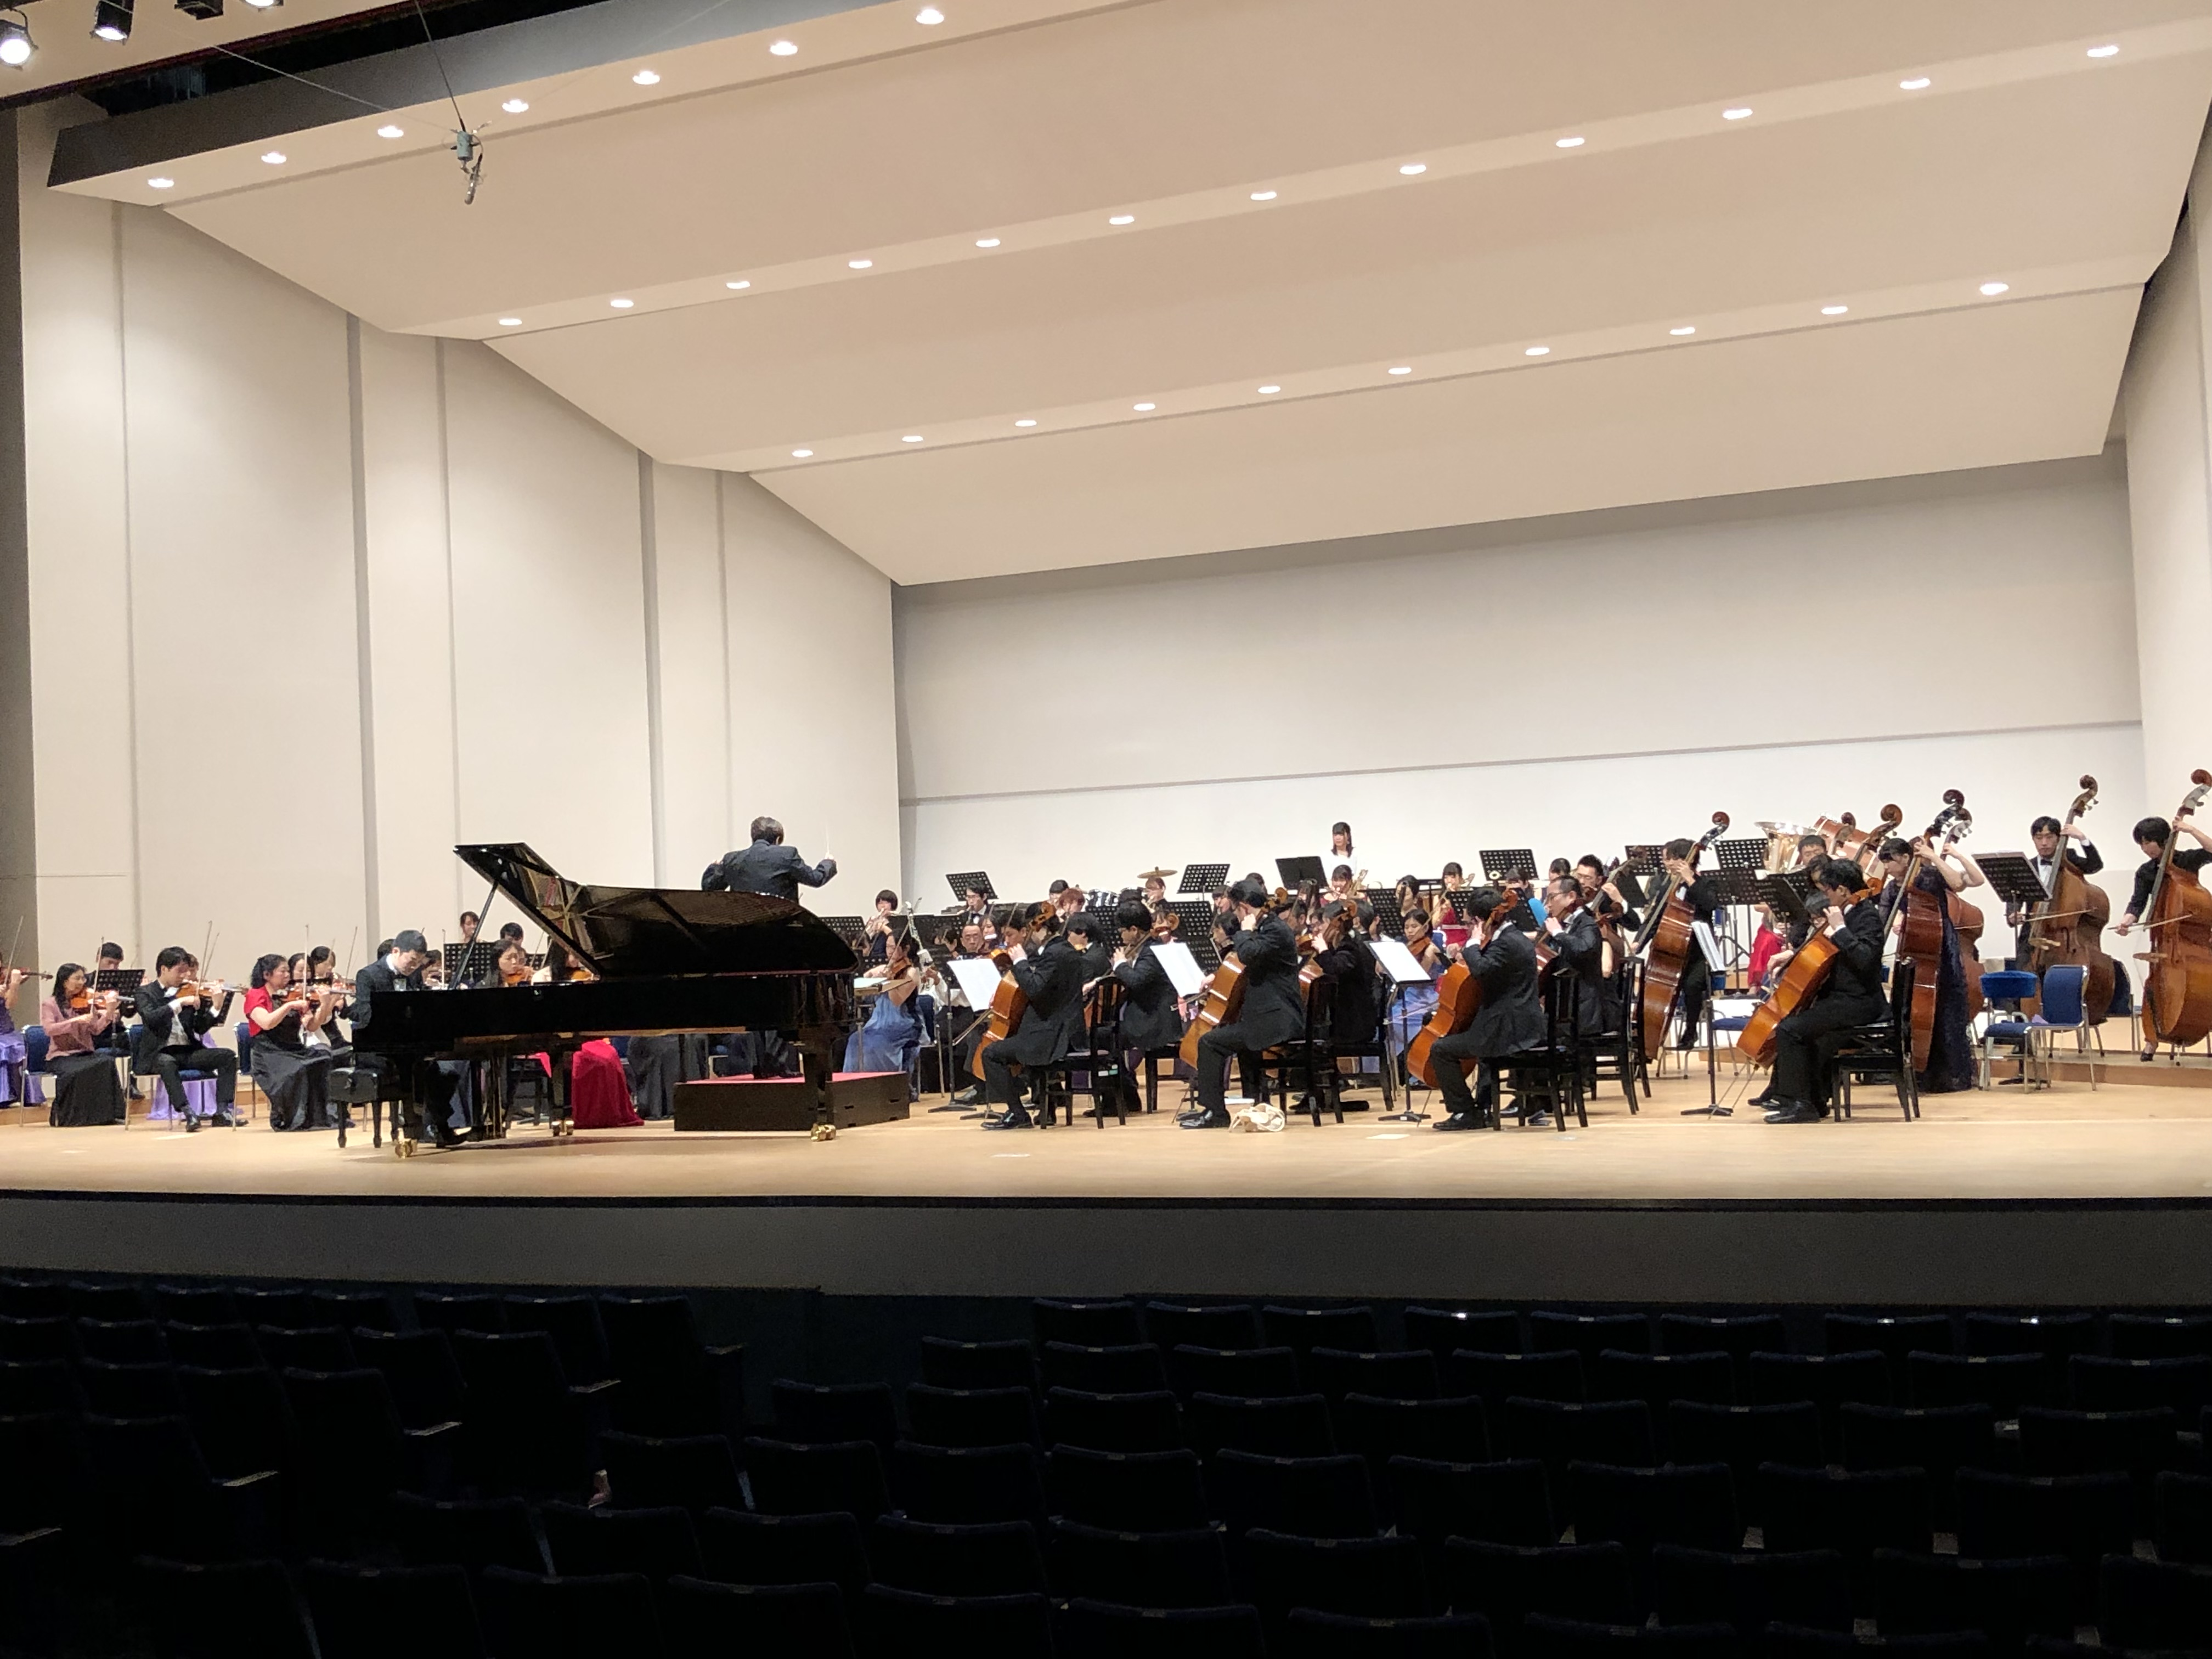 国立音楽院管弦楽団が人見記念講堂で開場リハーサルを行っている様子。客席側からのアングル。